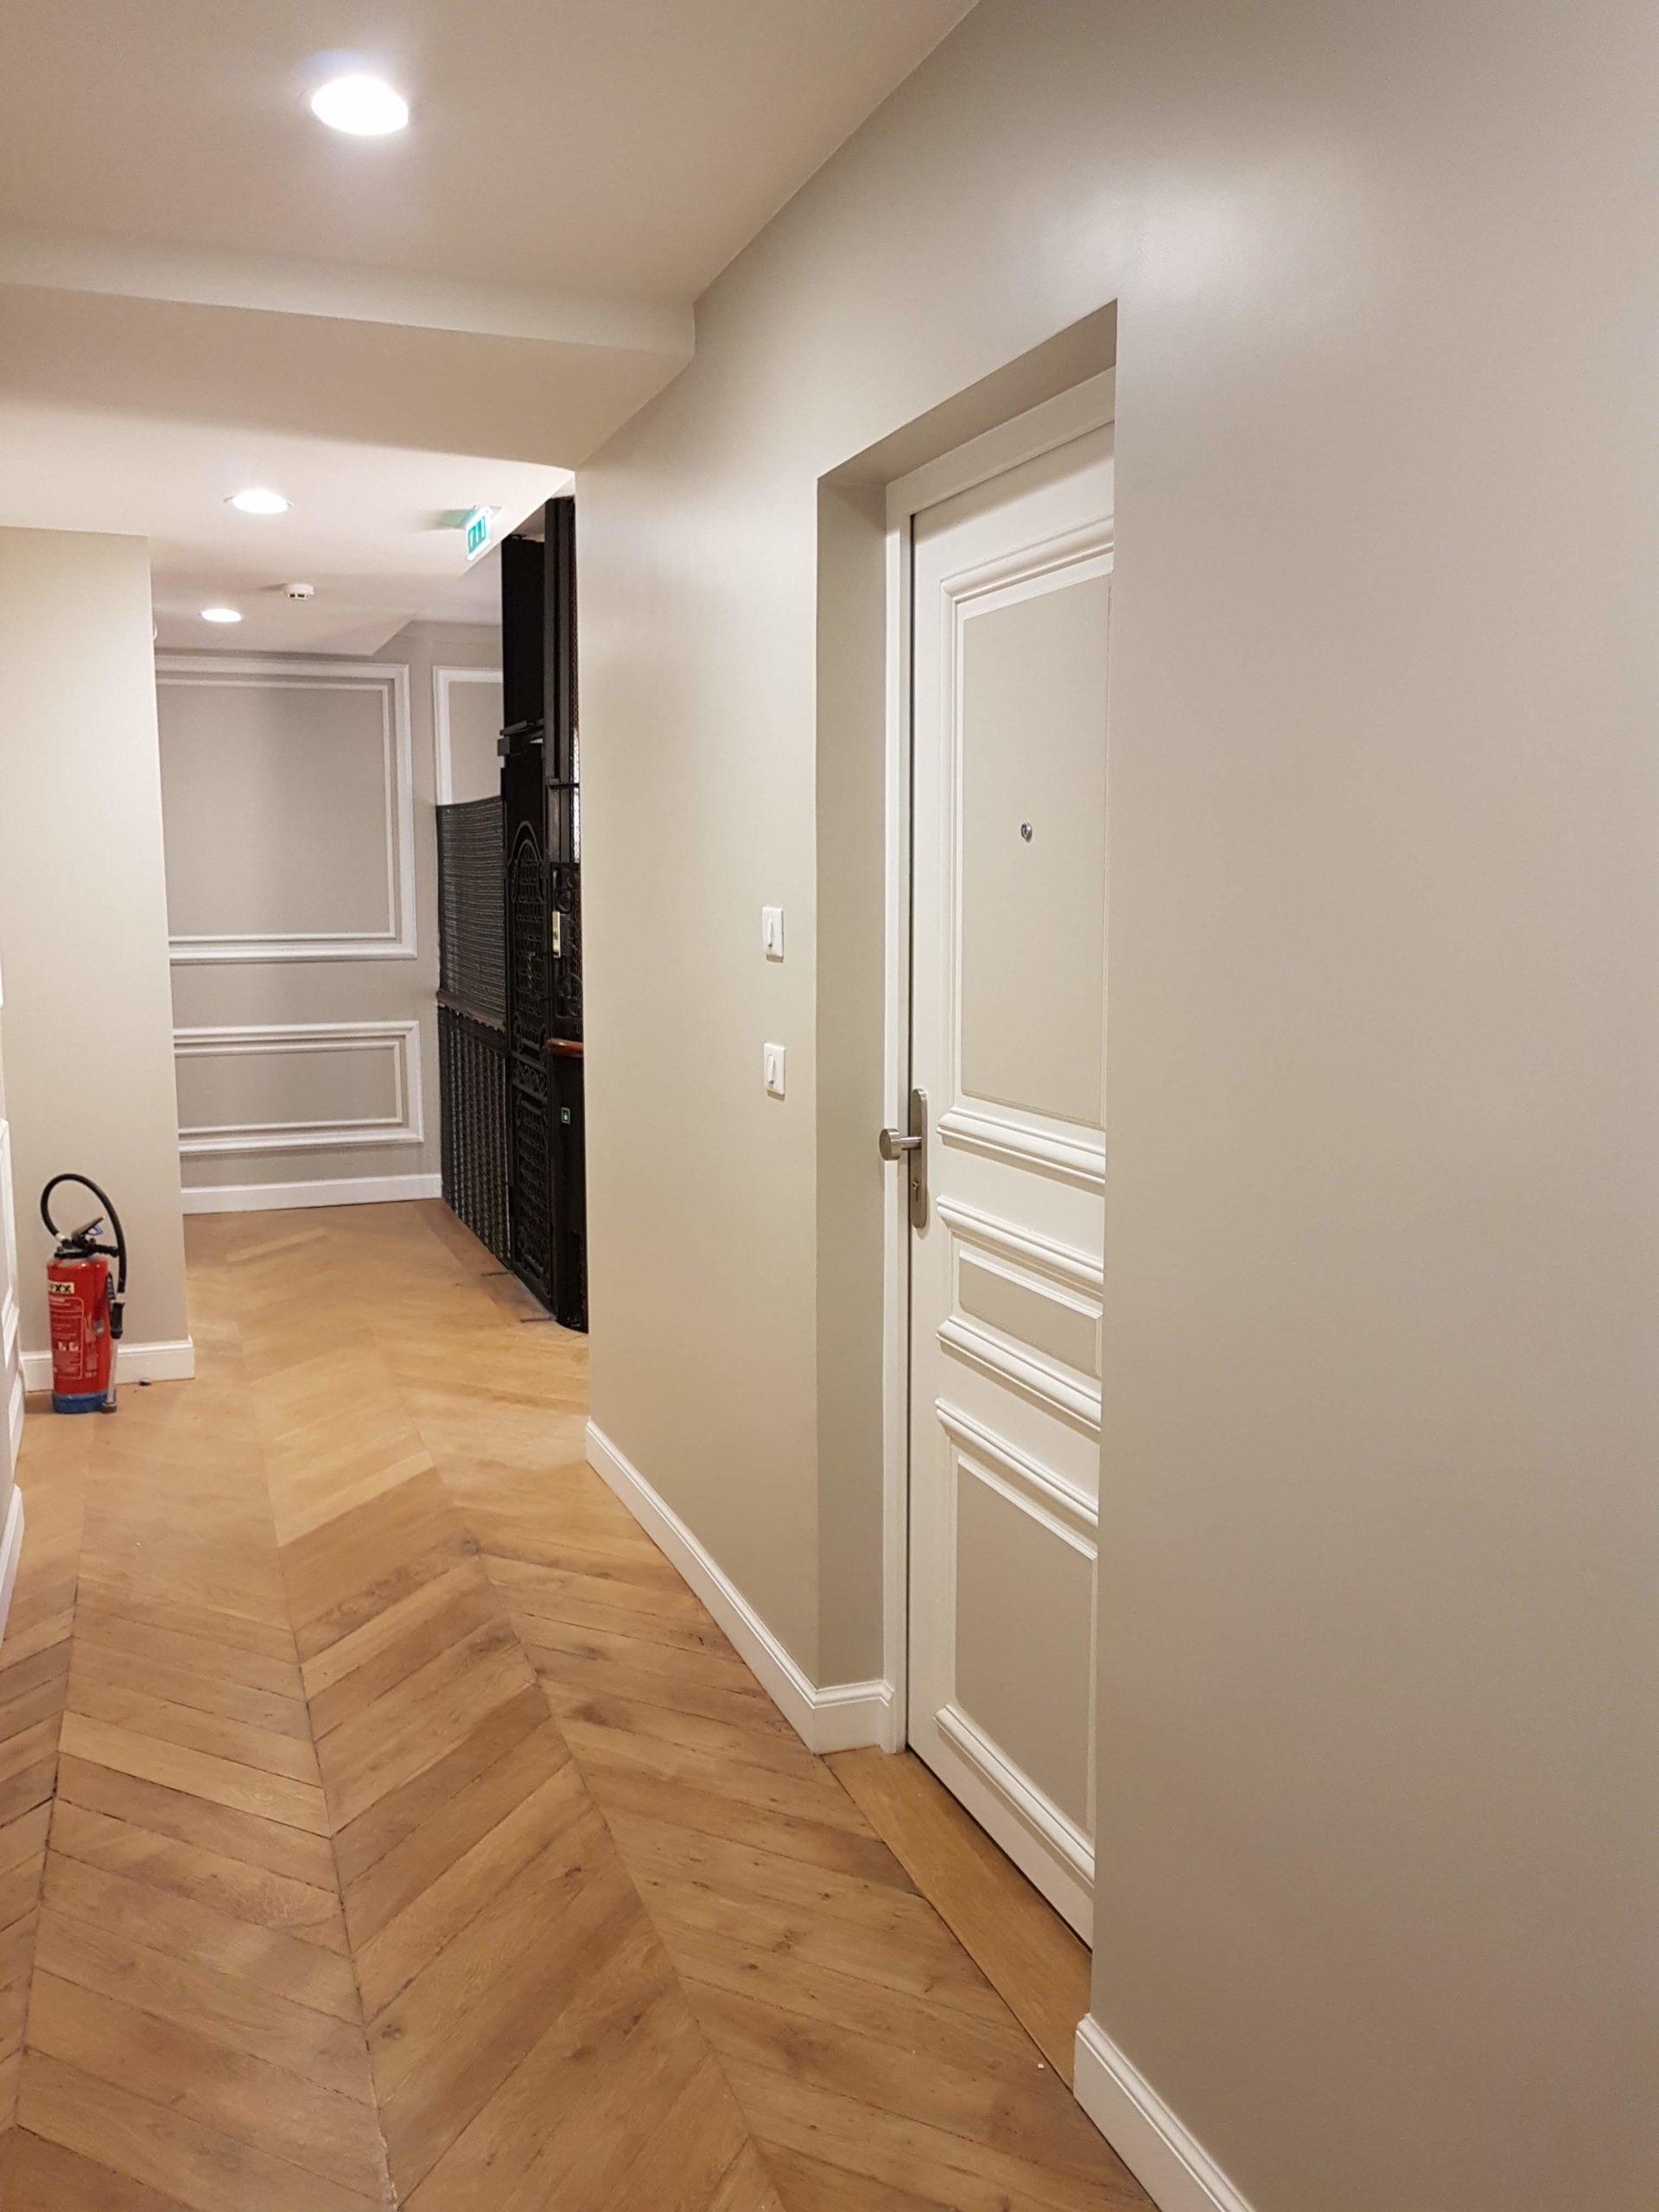 Couloir avec parquet en pointe de Hongrie